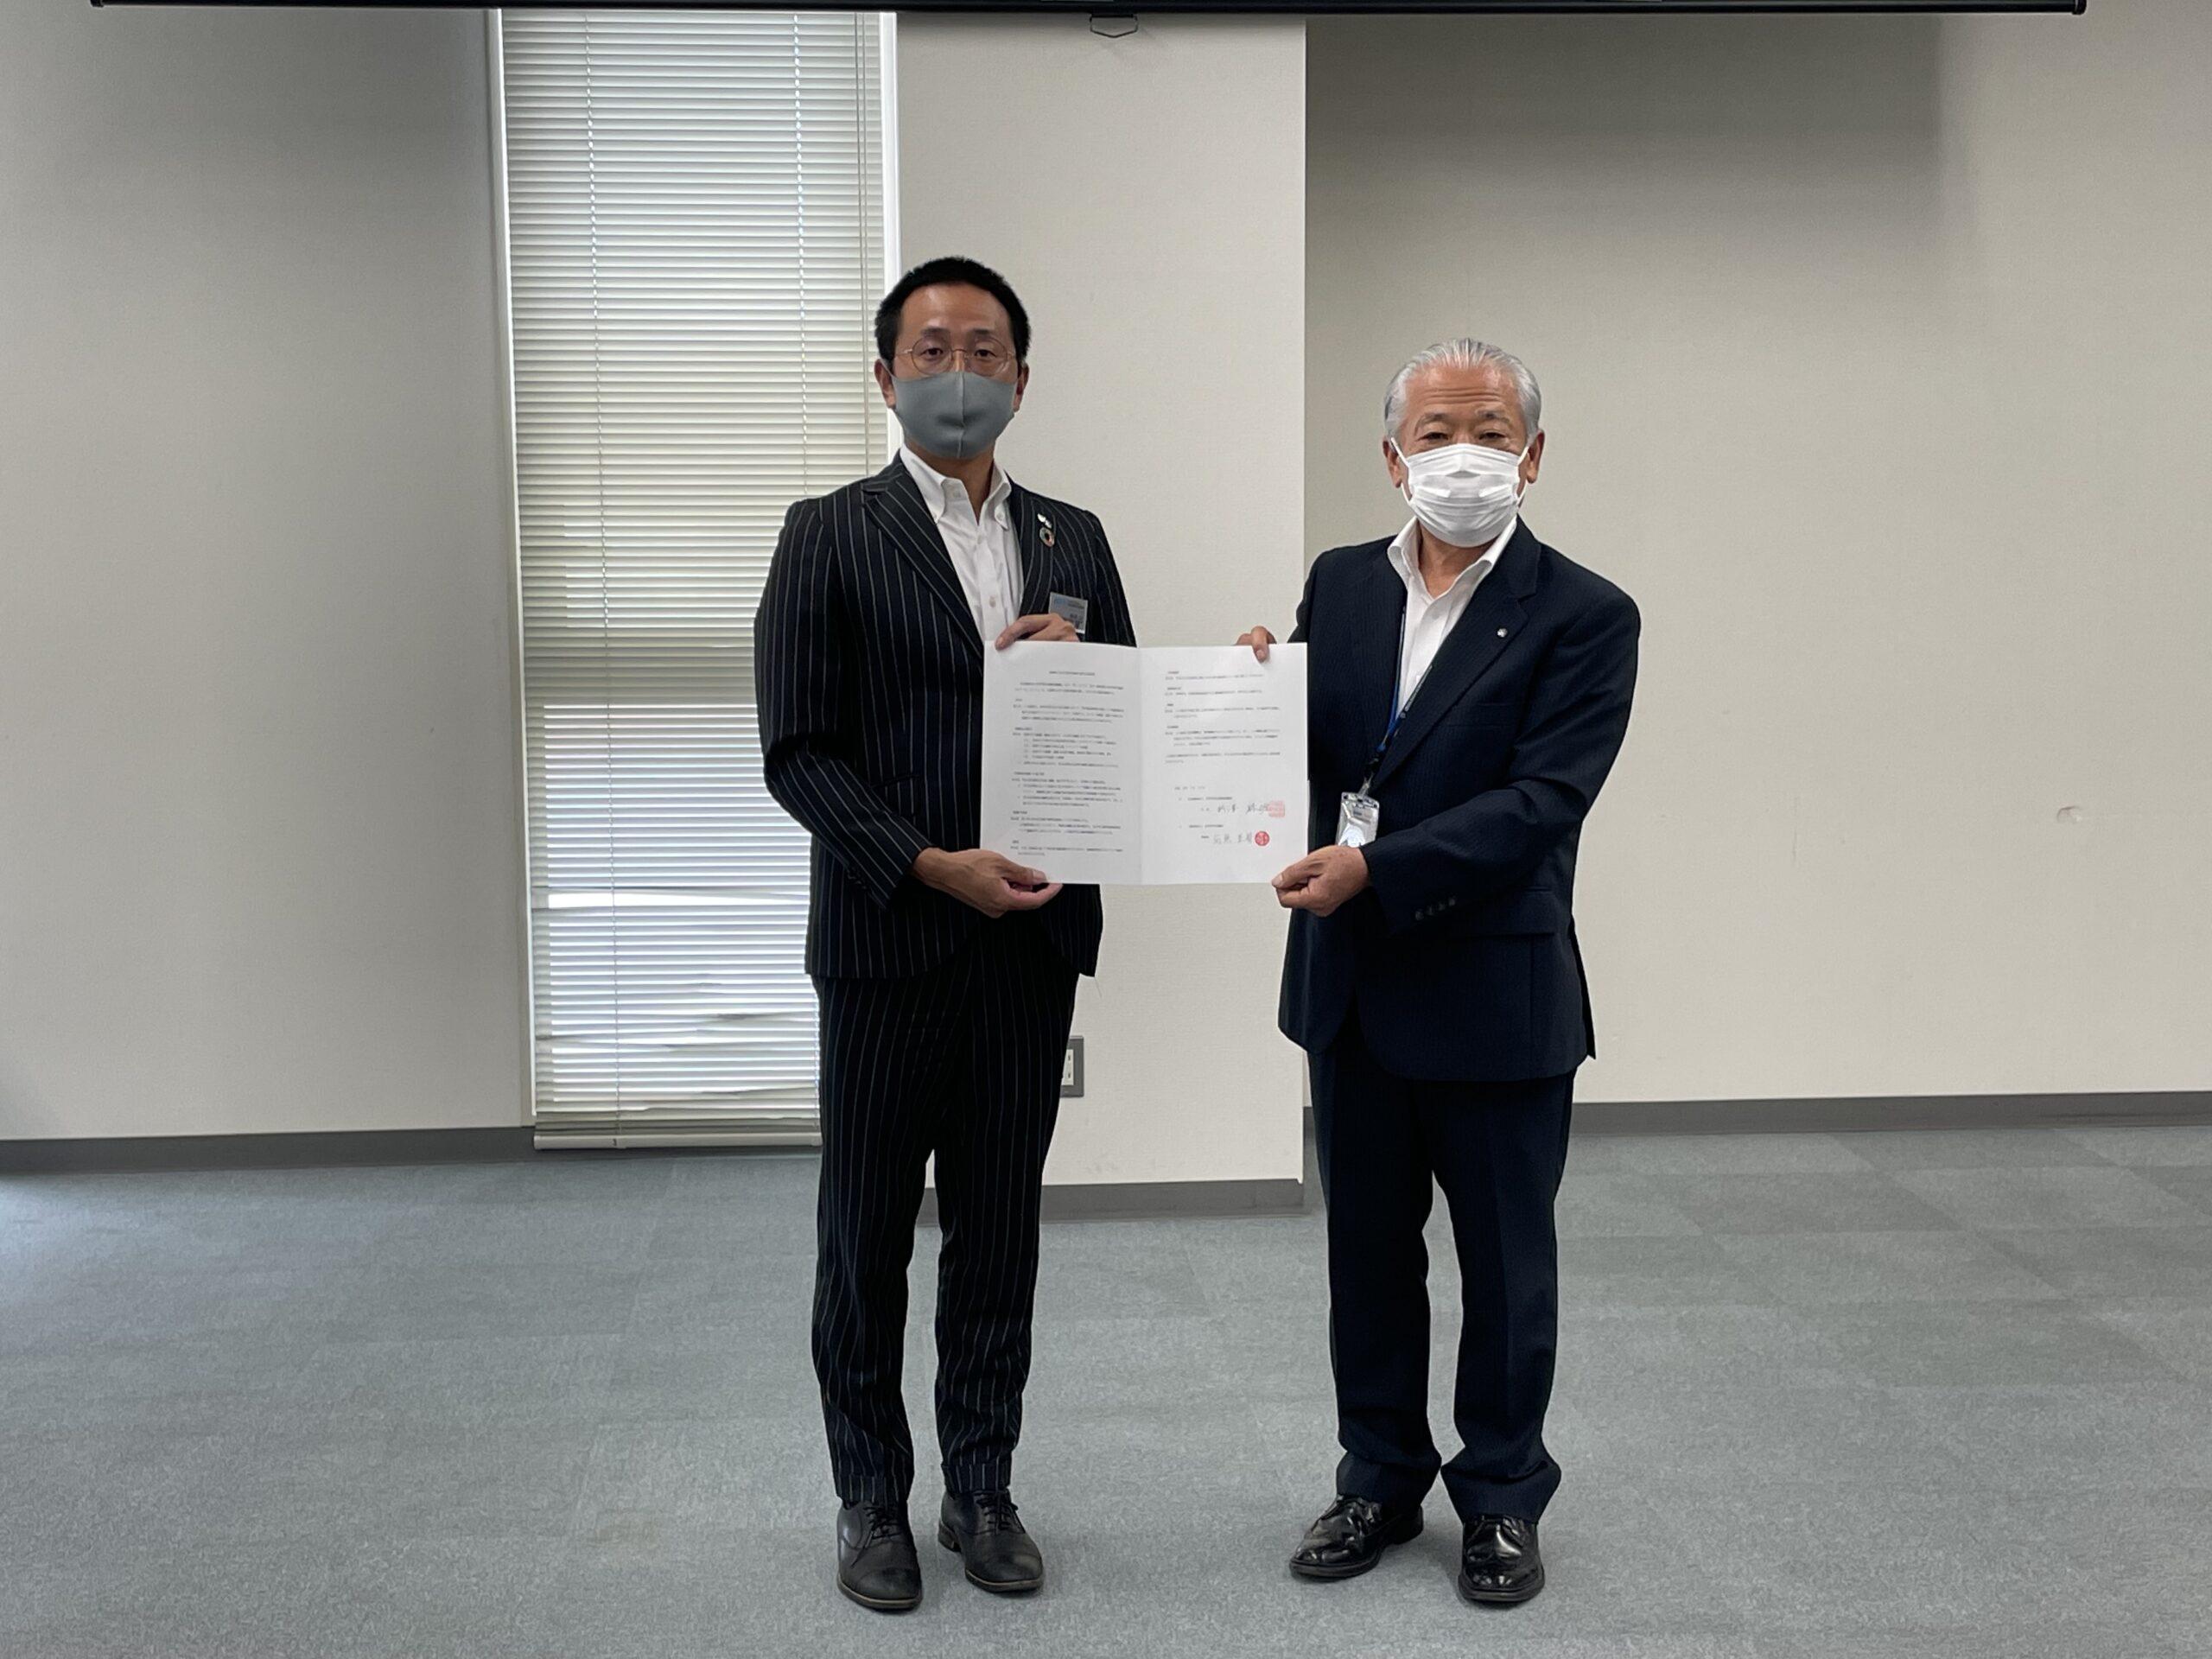 社会福祉法人伊丹市社会福祉協議会と一般社団法人伊丹青年会議所との、 災害時における協力体制に関する協定」の締結式